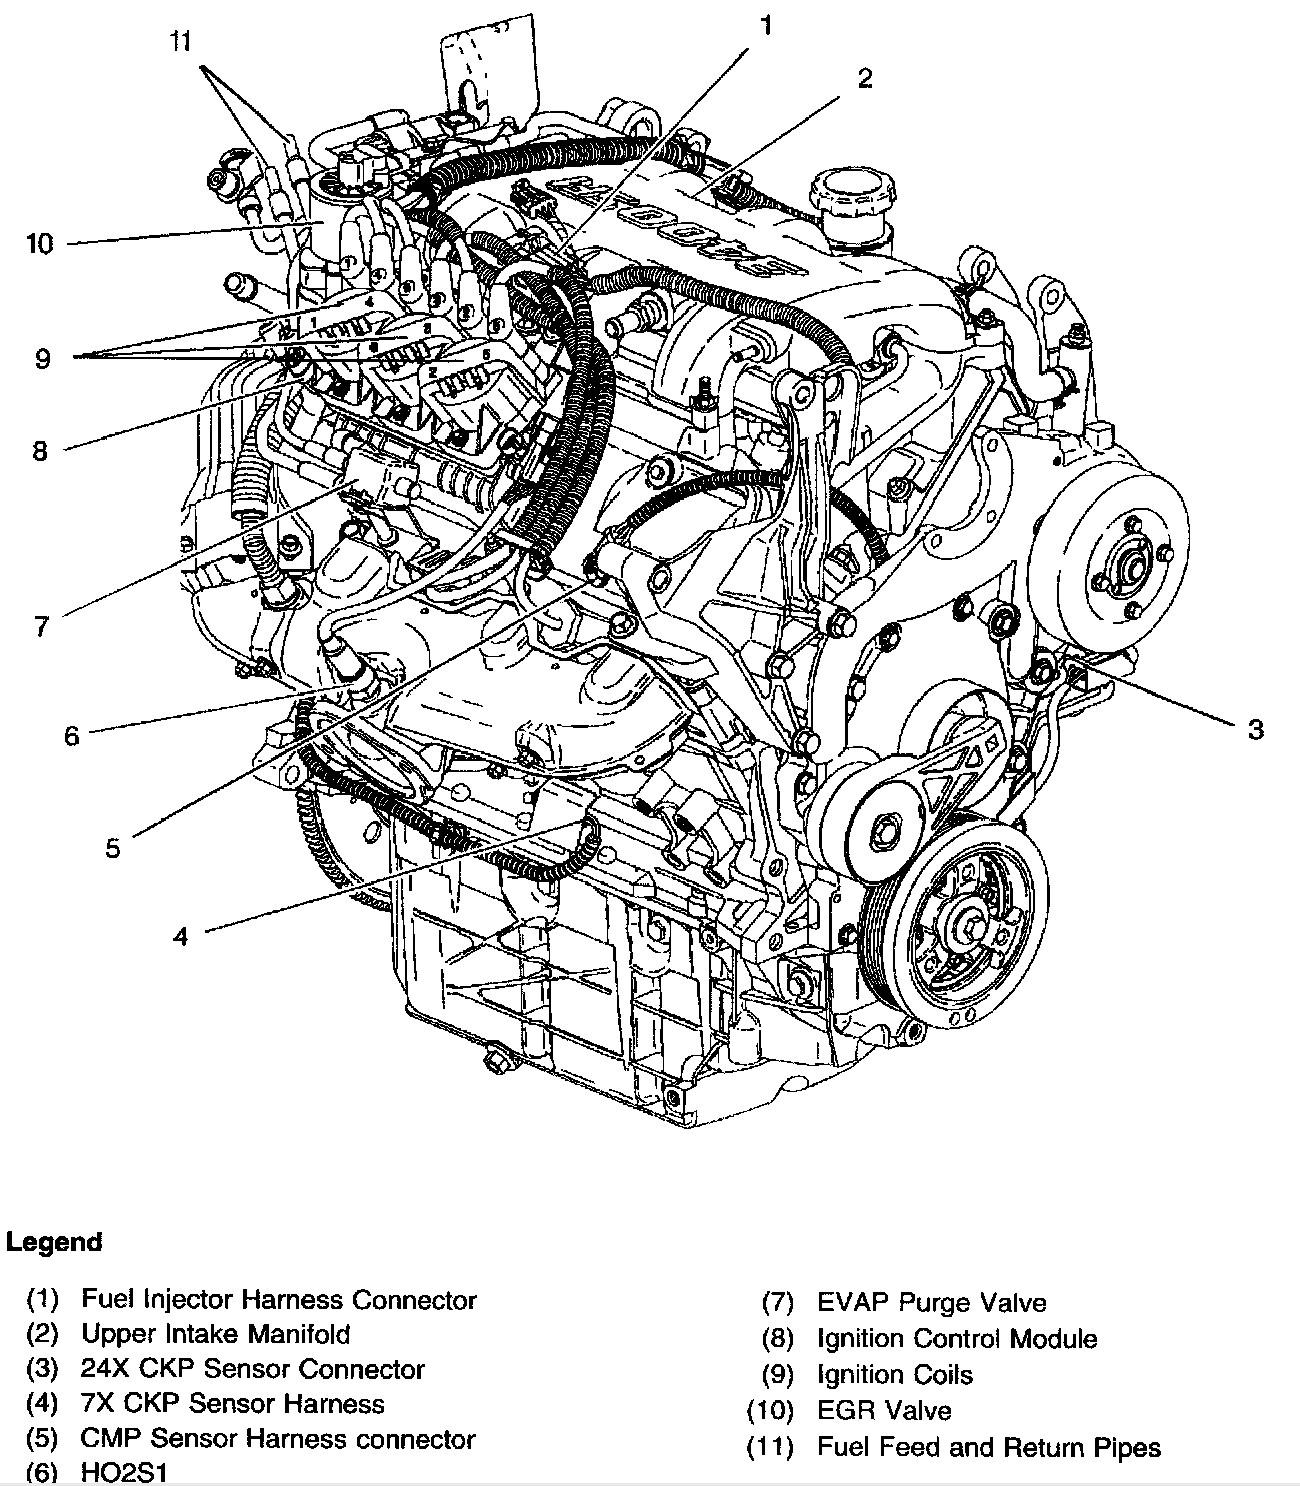 Nissan Engine Diagram 2011 Silverado 5 3 Engine Diagram Wiring Diagram toolbox Of Nissan Engine Diagram